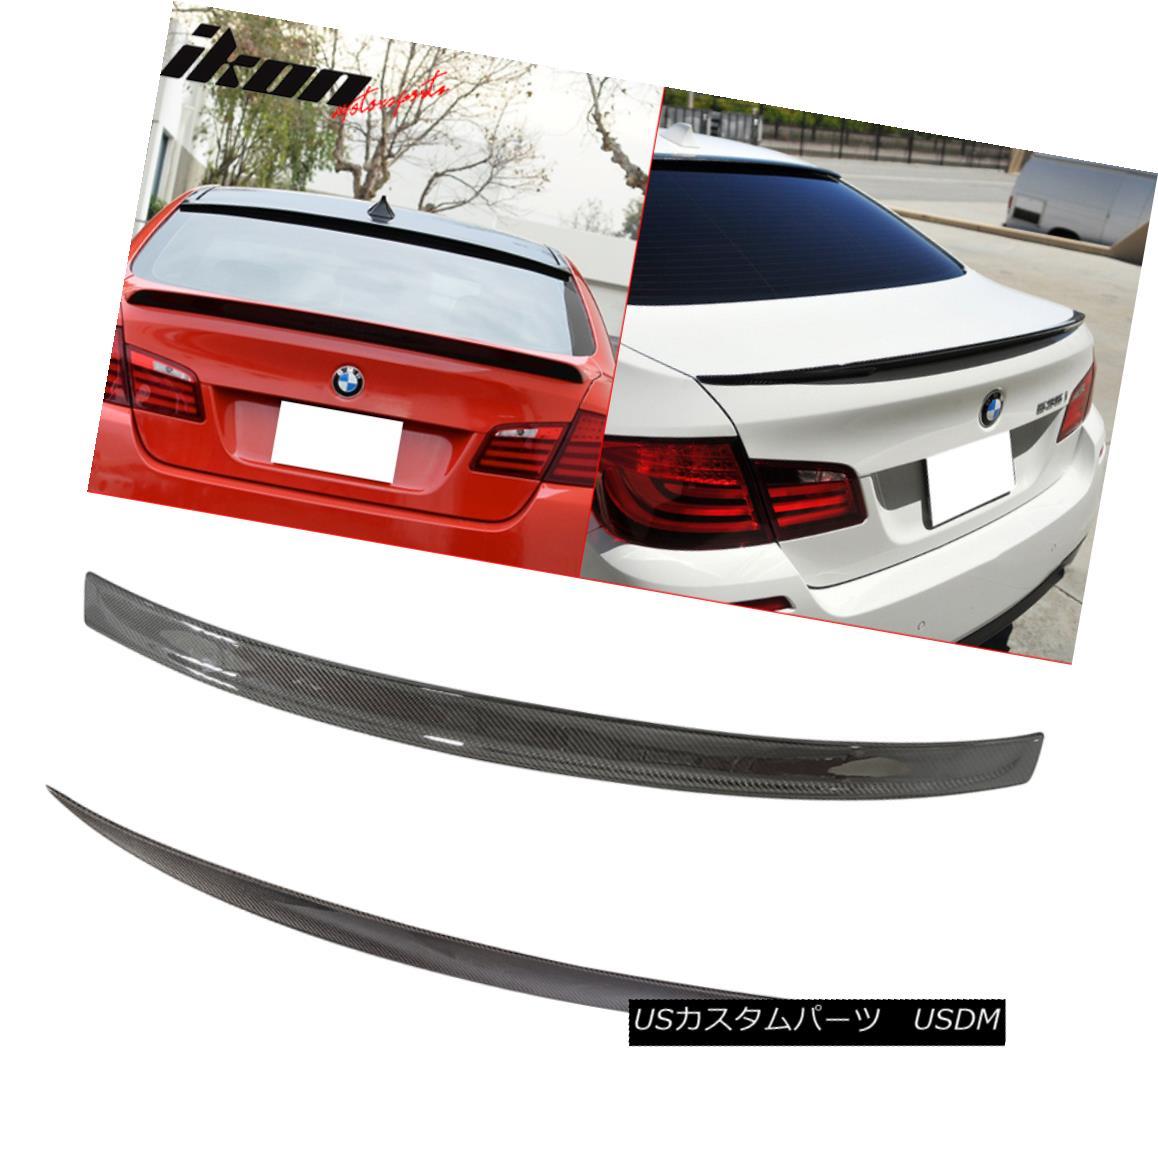 エアロパーツ Fits 11-16 F10 Sedan CF Carbon Fiber 3D Roof Wing & Performance Trunk Spoiler フィット11-16 F10セダンCF炭素繊維3Dルーフウィング& パフォーマンストランクスポイラー